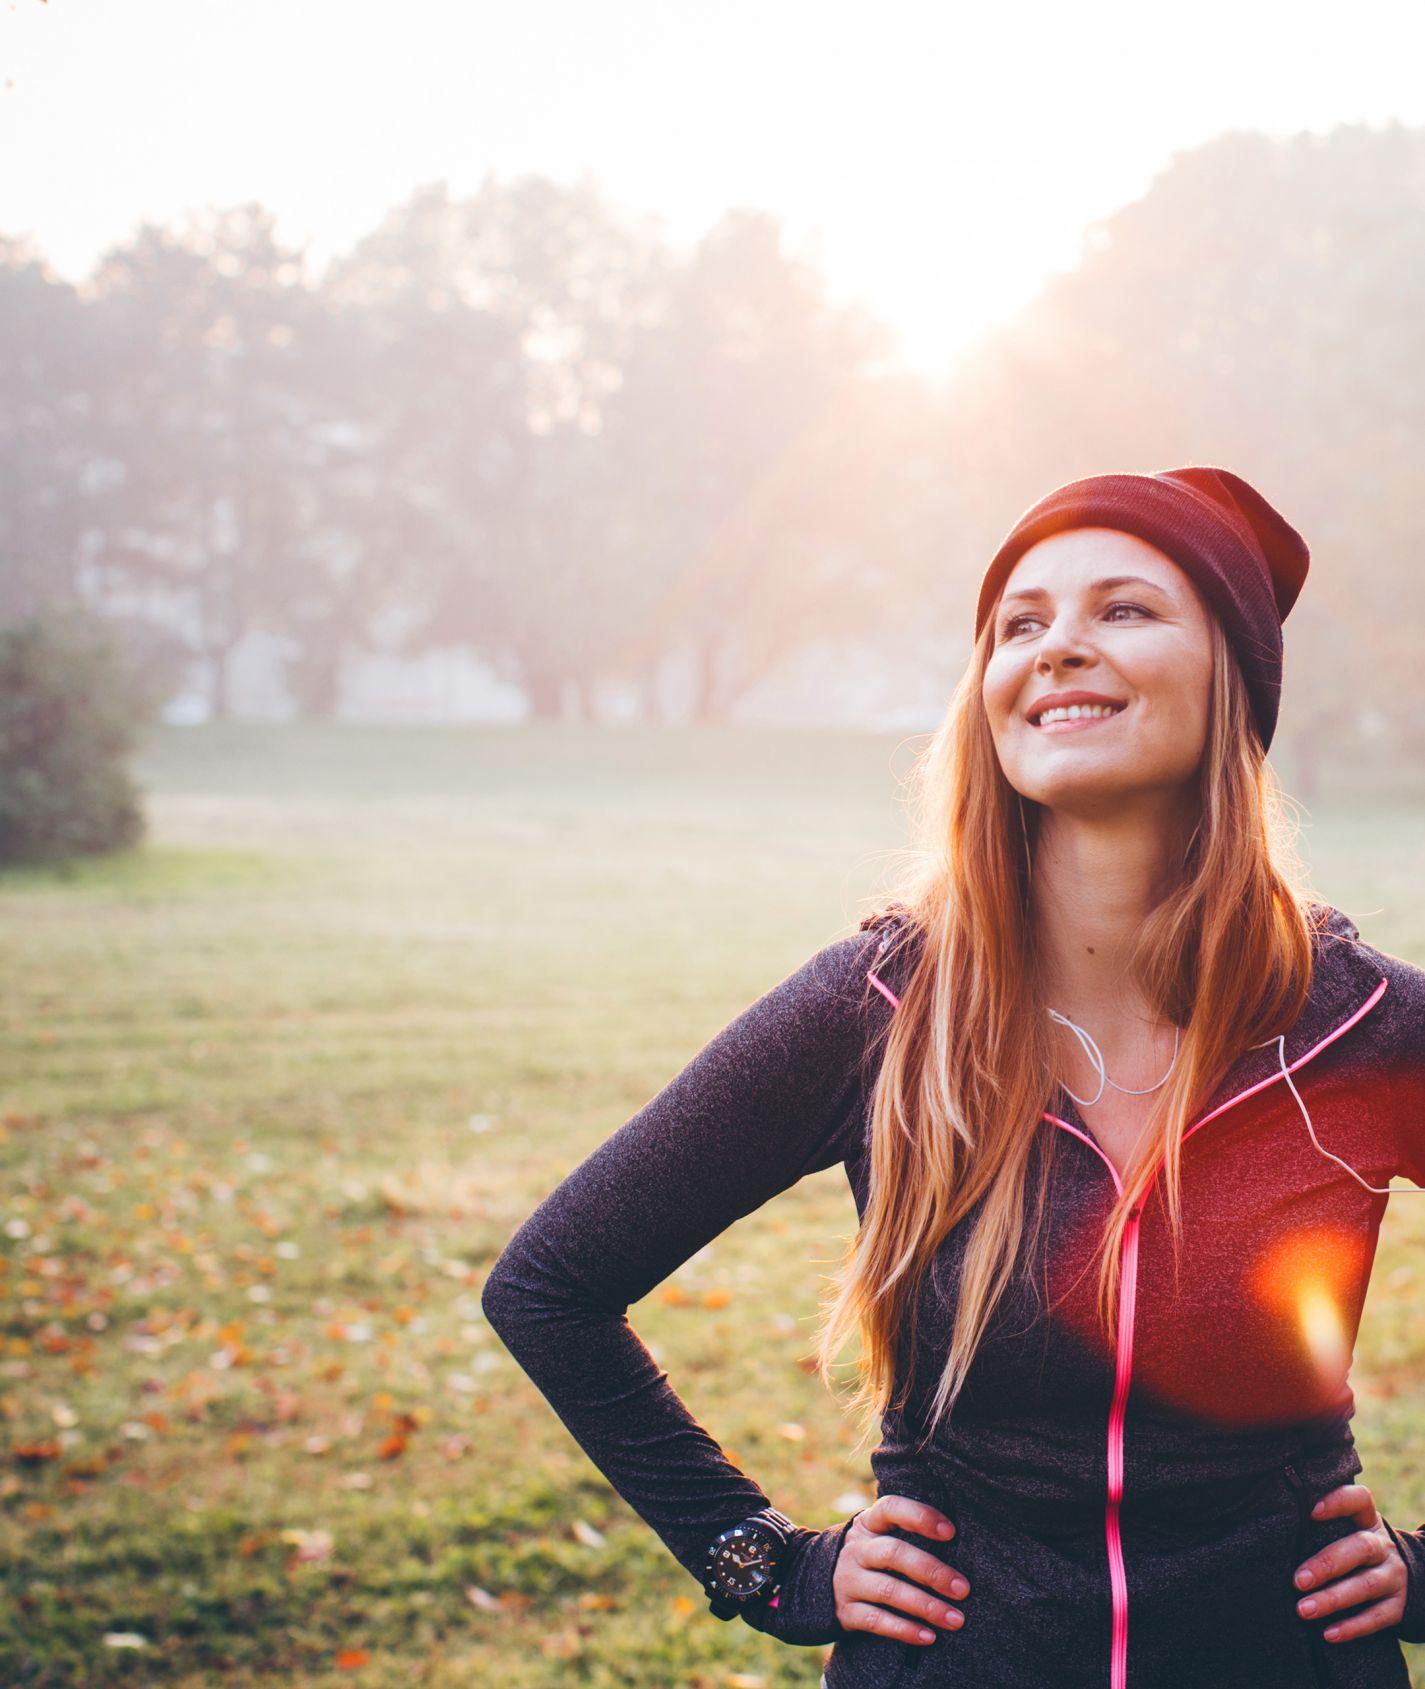 junge Frau mit organen Haaren, roter Mütze und Sportjacke hat die Hände in die Hüfte gestemmt und steht auf einer Wiese